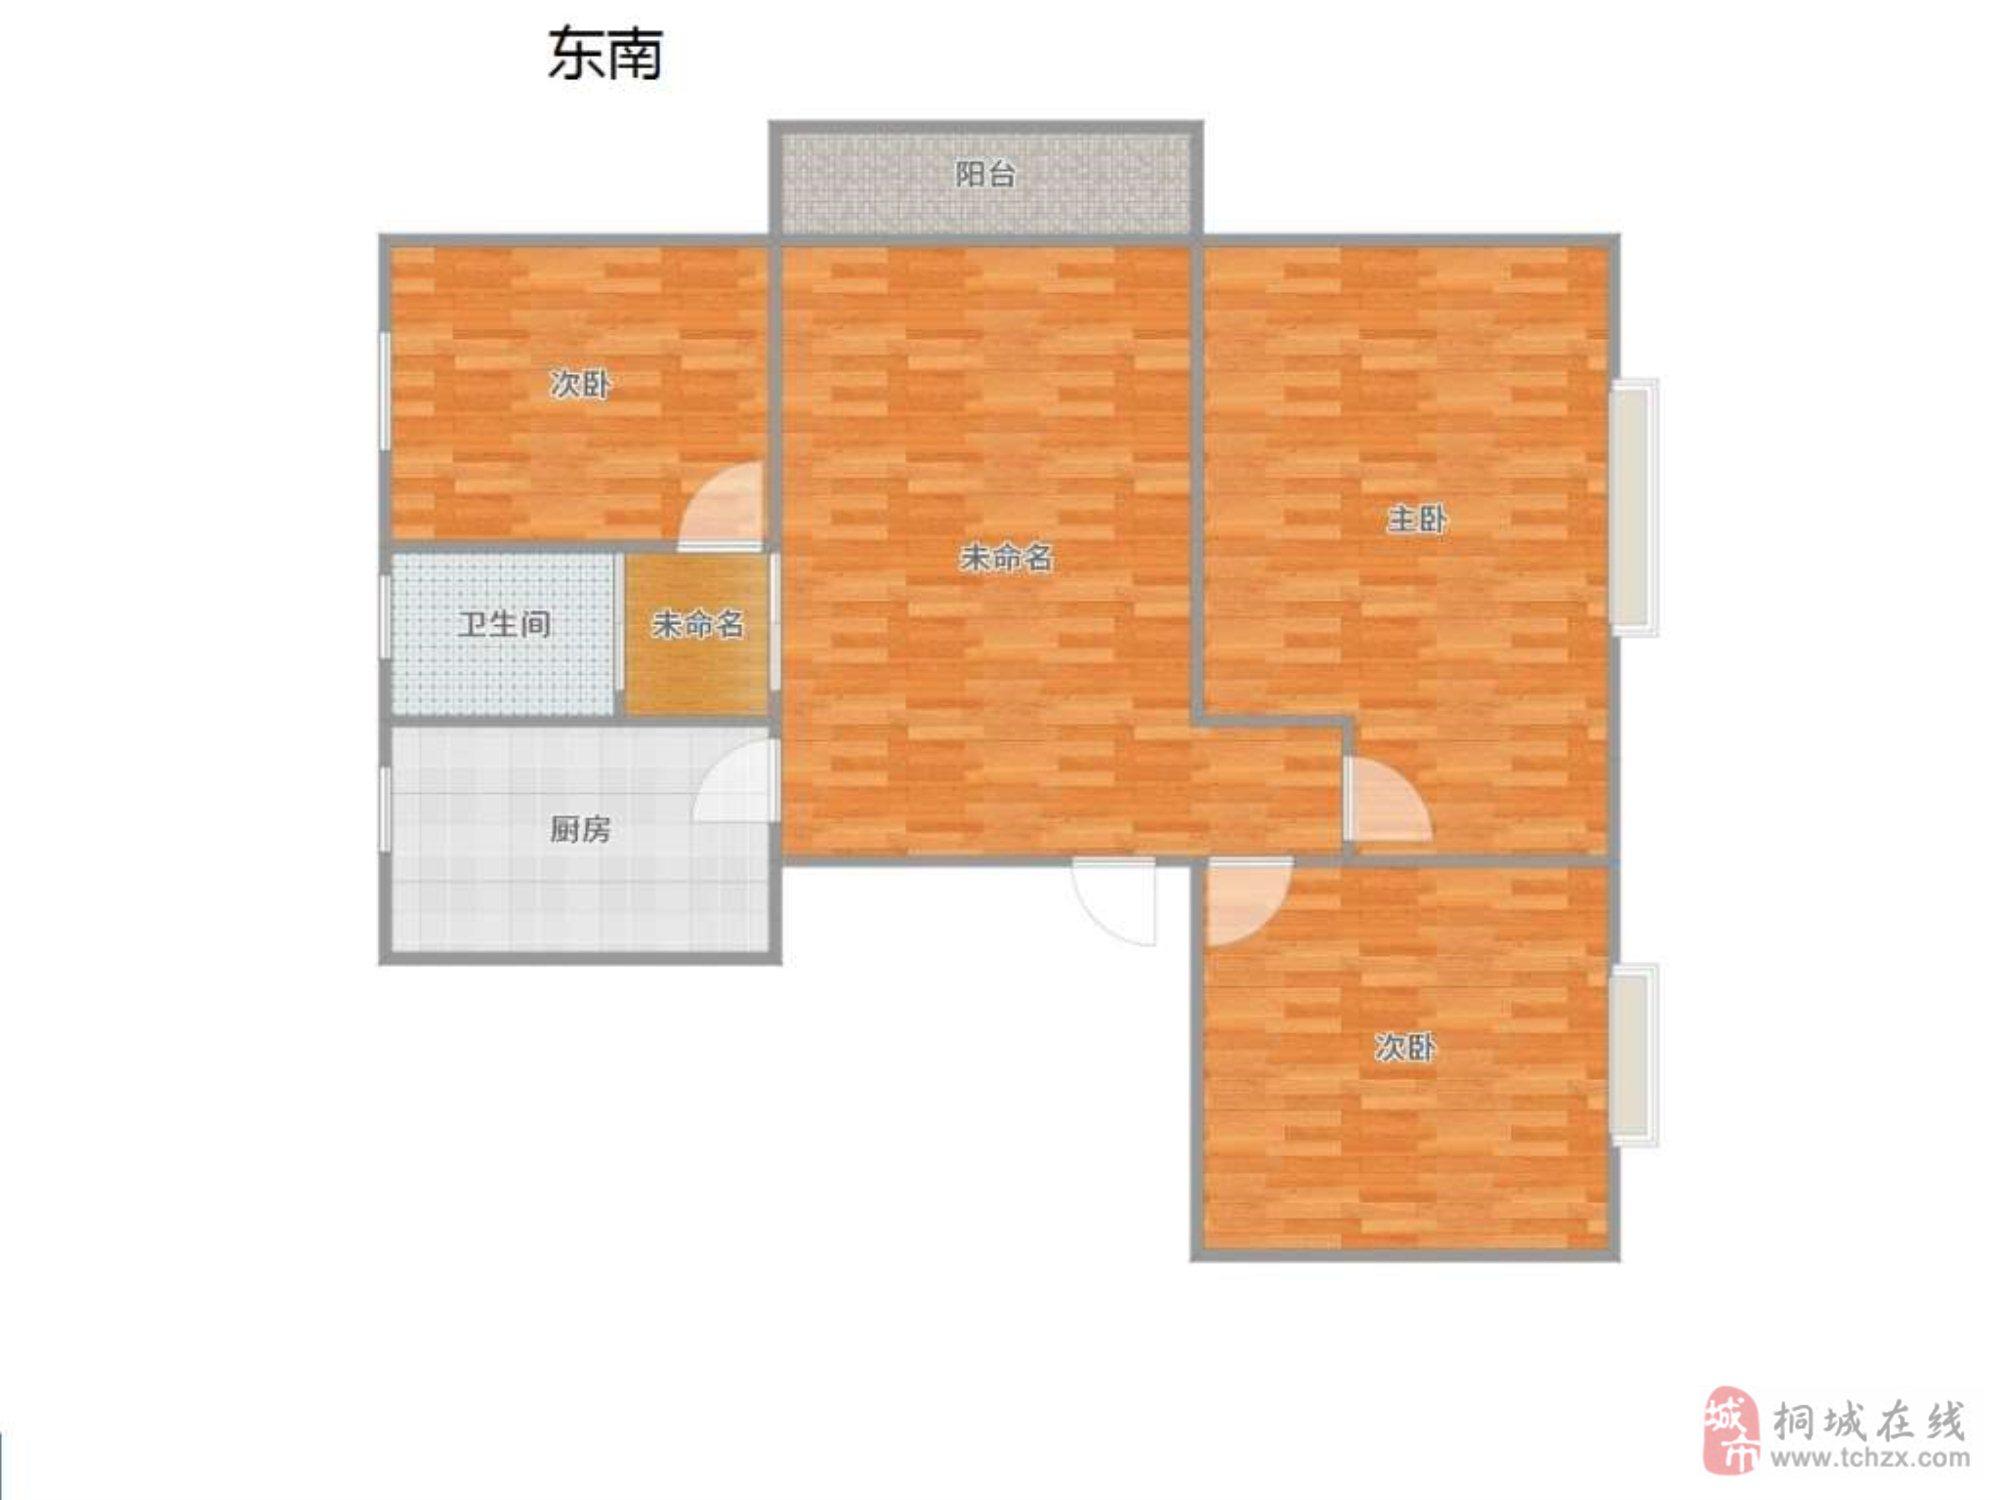 金源华府3室2厅1卫64万元